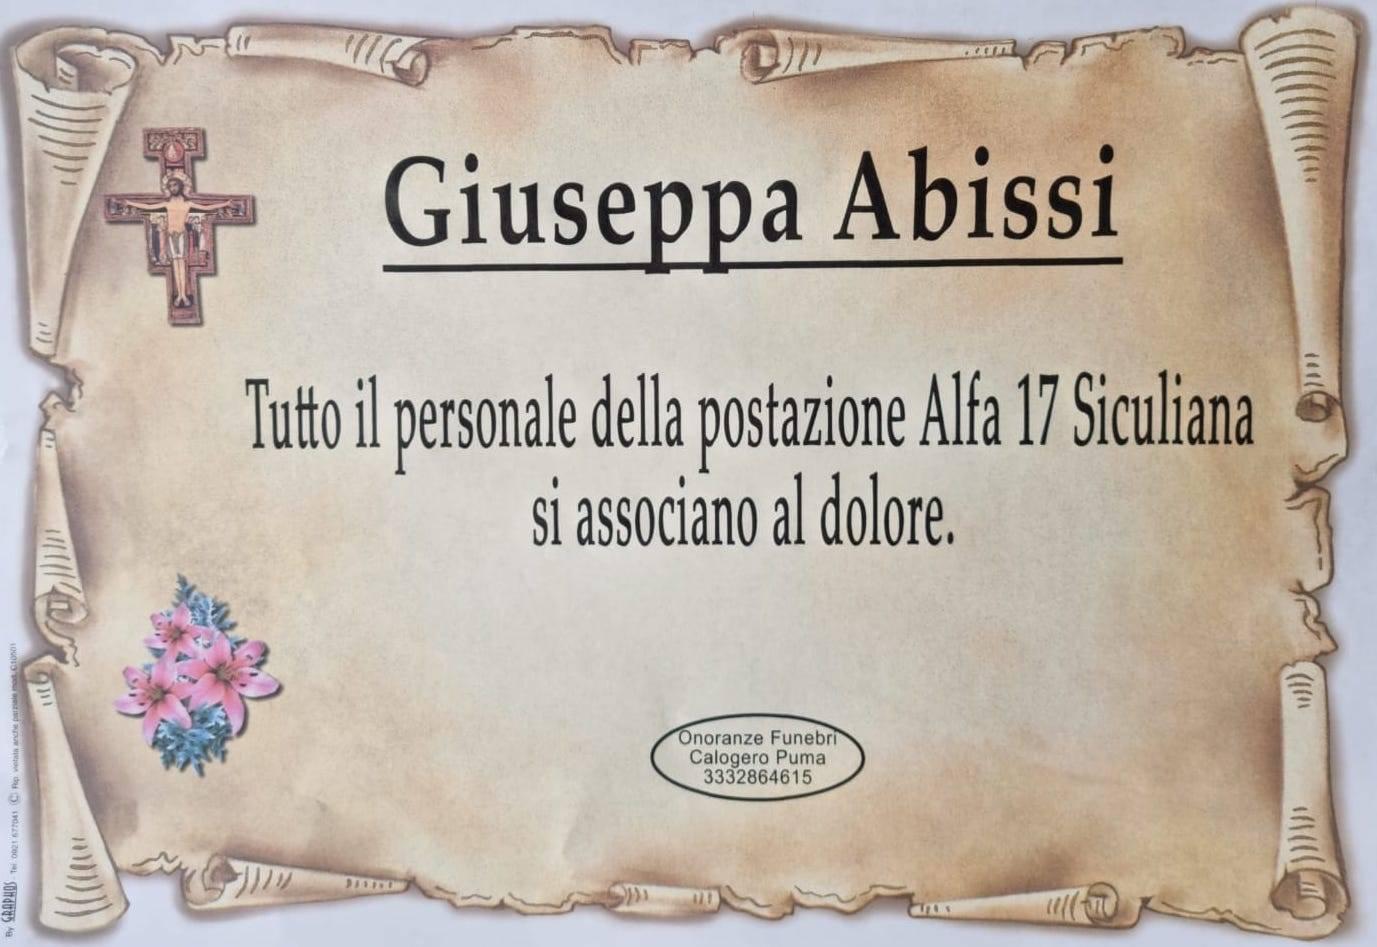 Giuseppa Abissi (P1)